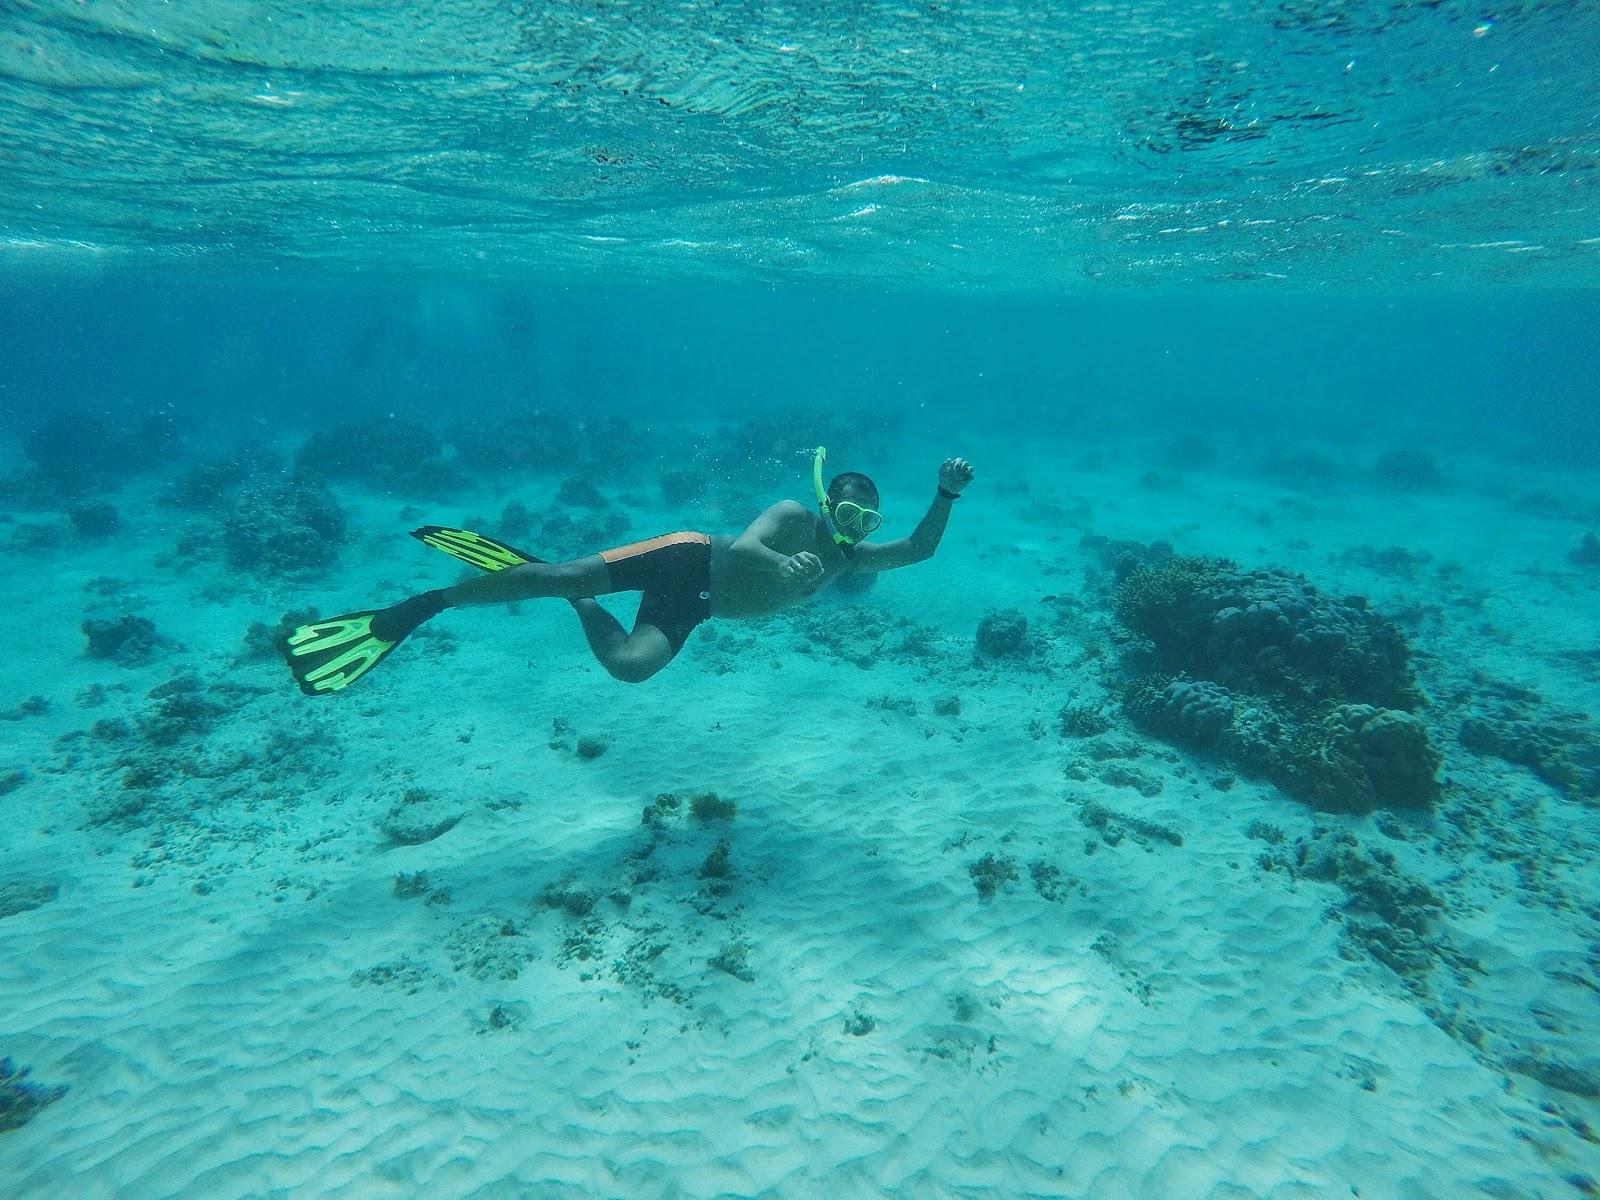 Macam Tentang Galihleo June 2015 Setelah Cukup Puas Snorkeling Pulau